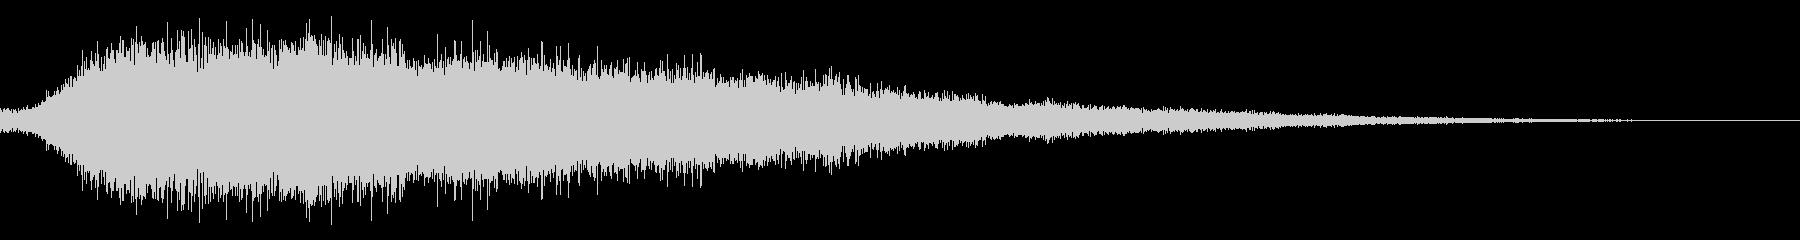 ひゅーんという飛行機の音の未再生の波形